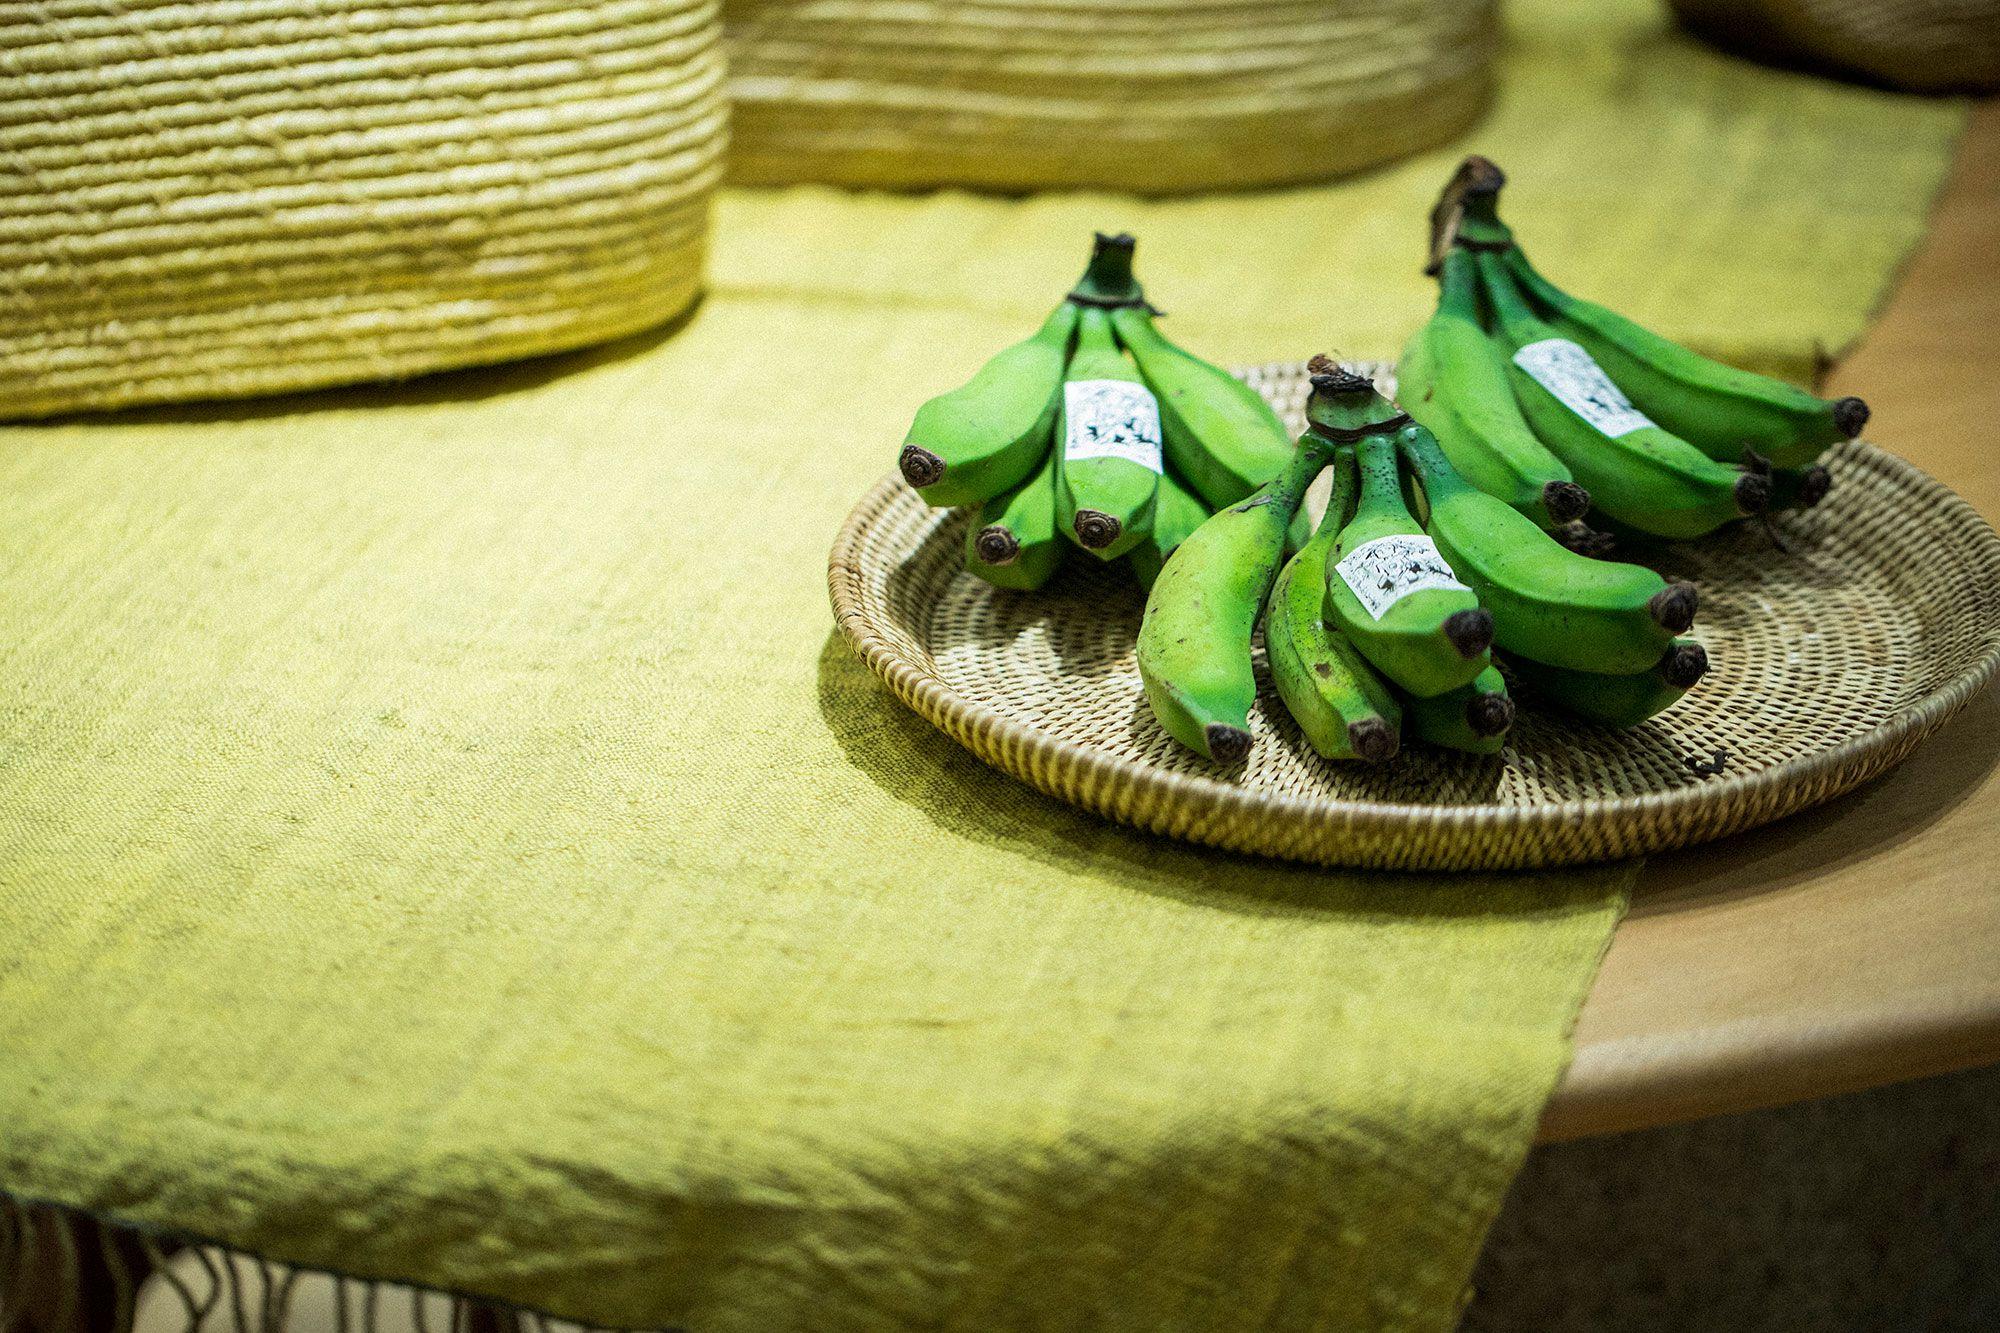 移り住んだ石垣島に、ヨーガン レール農園も作った。時折、無農薬で育てられた農作物がババグーリ清澄本店に届く。この日は島バナナ。